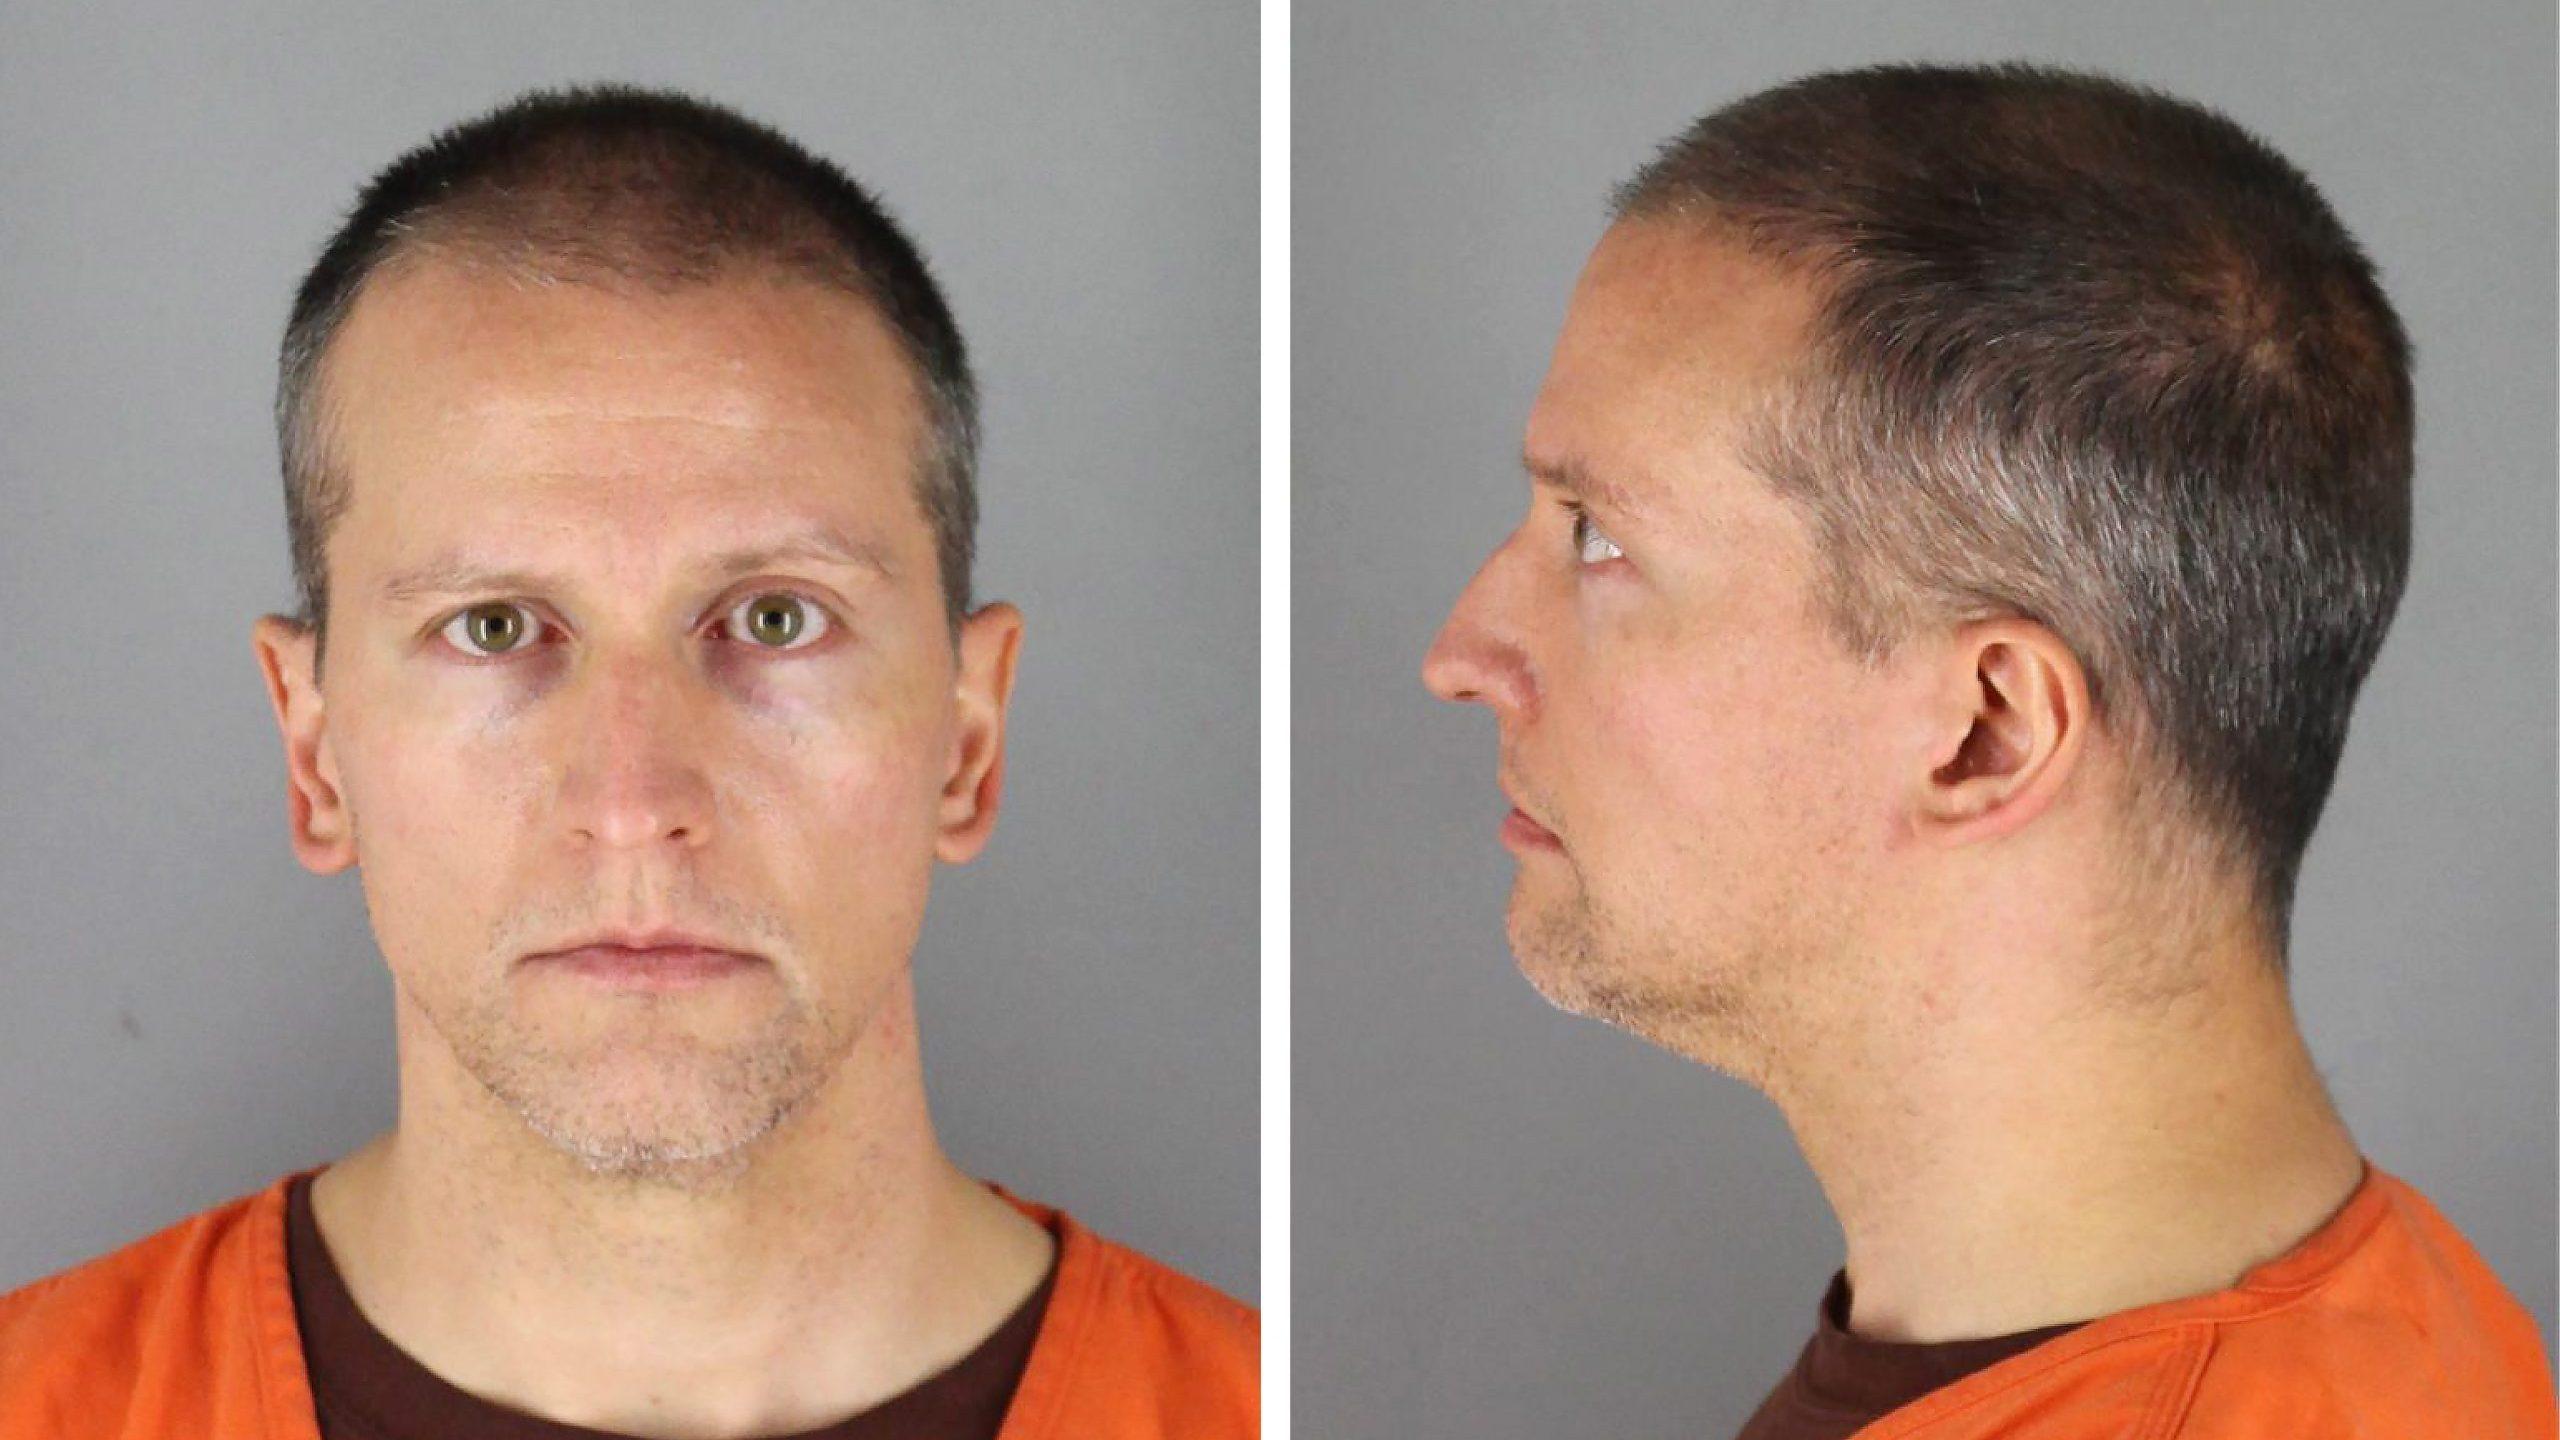 Policajcu za ubistvo Džordža Flojda 22,5 godina robije 1